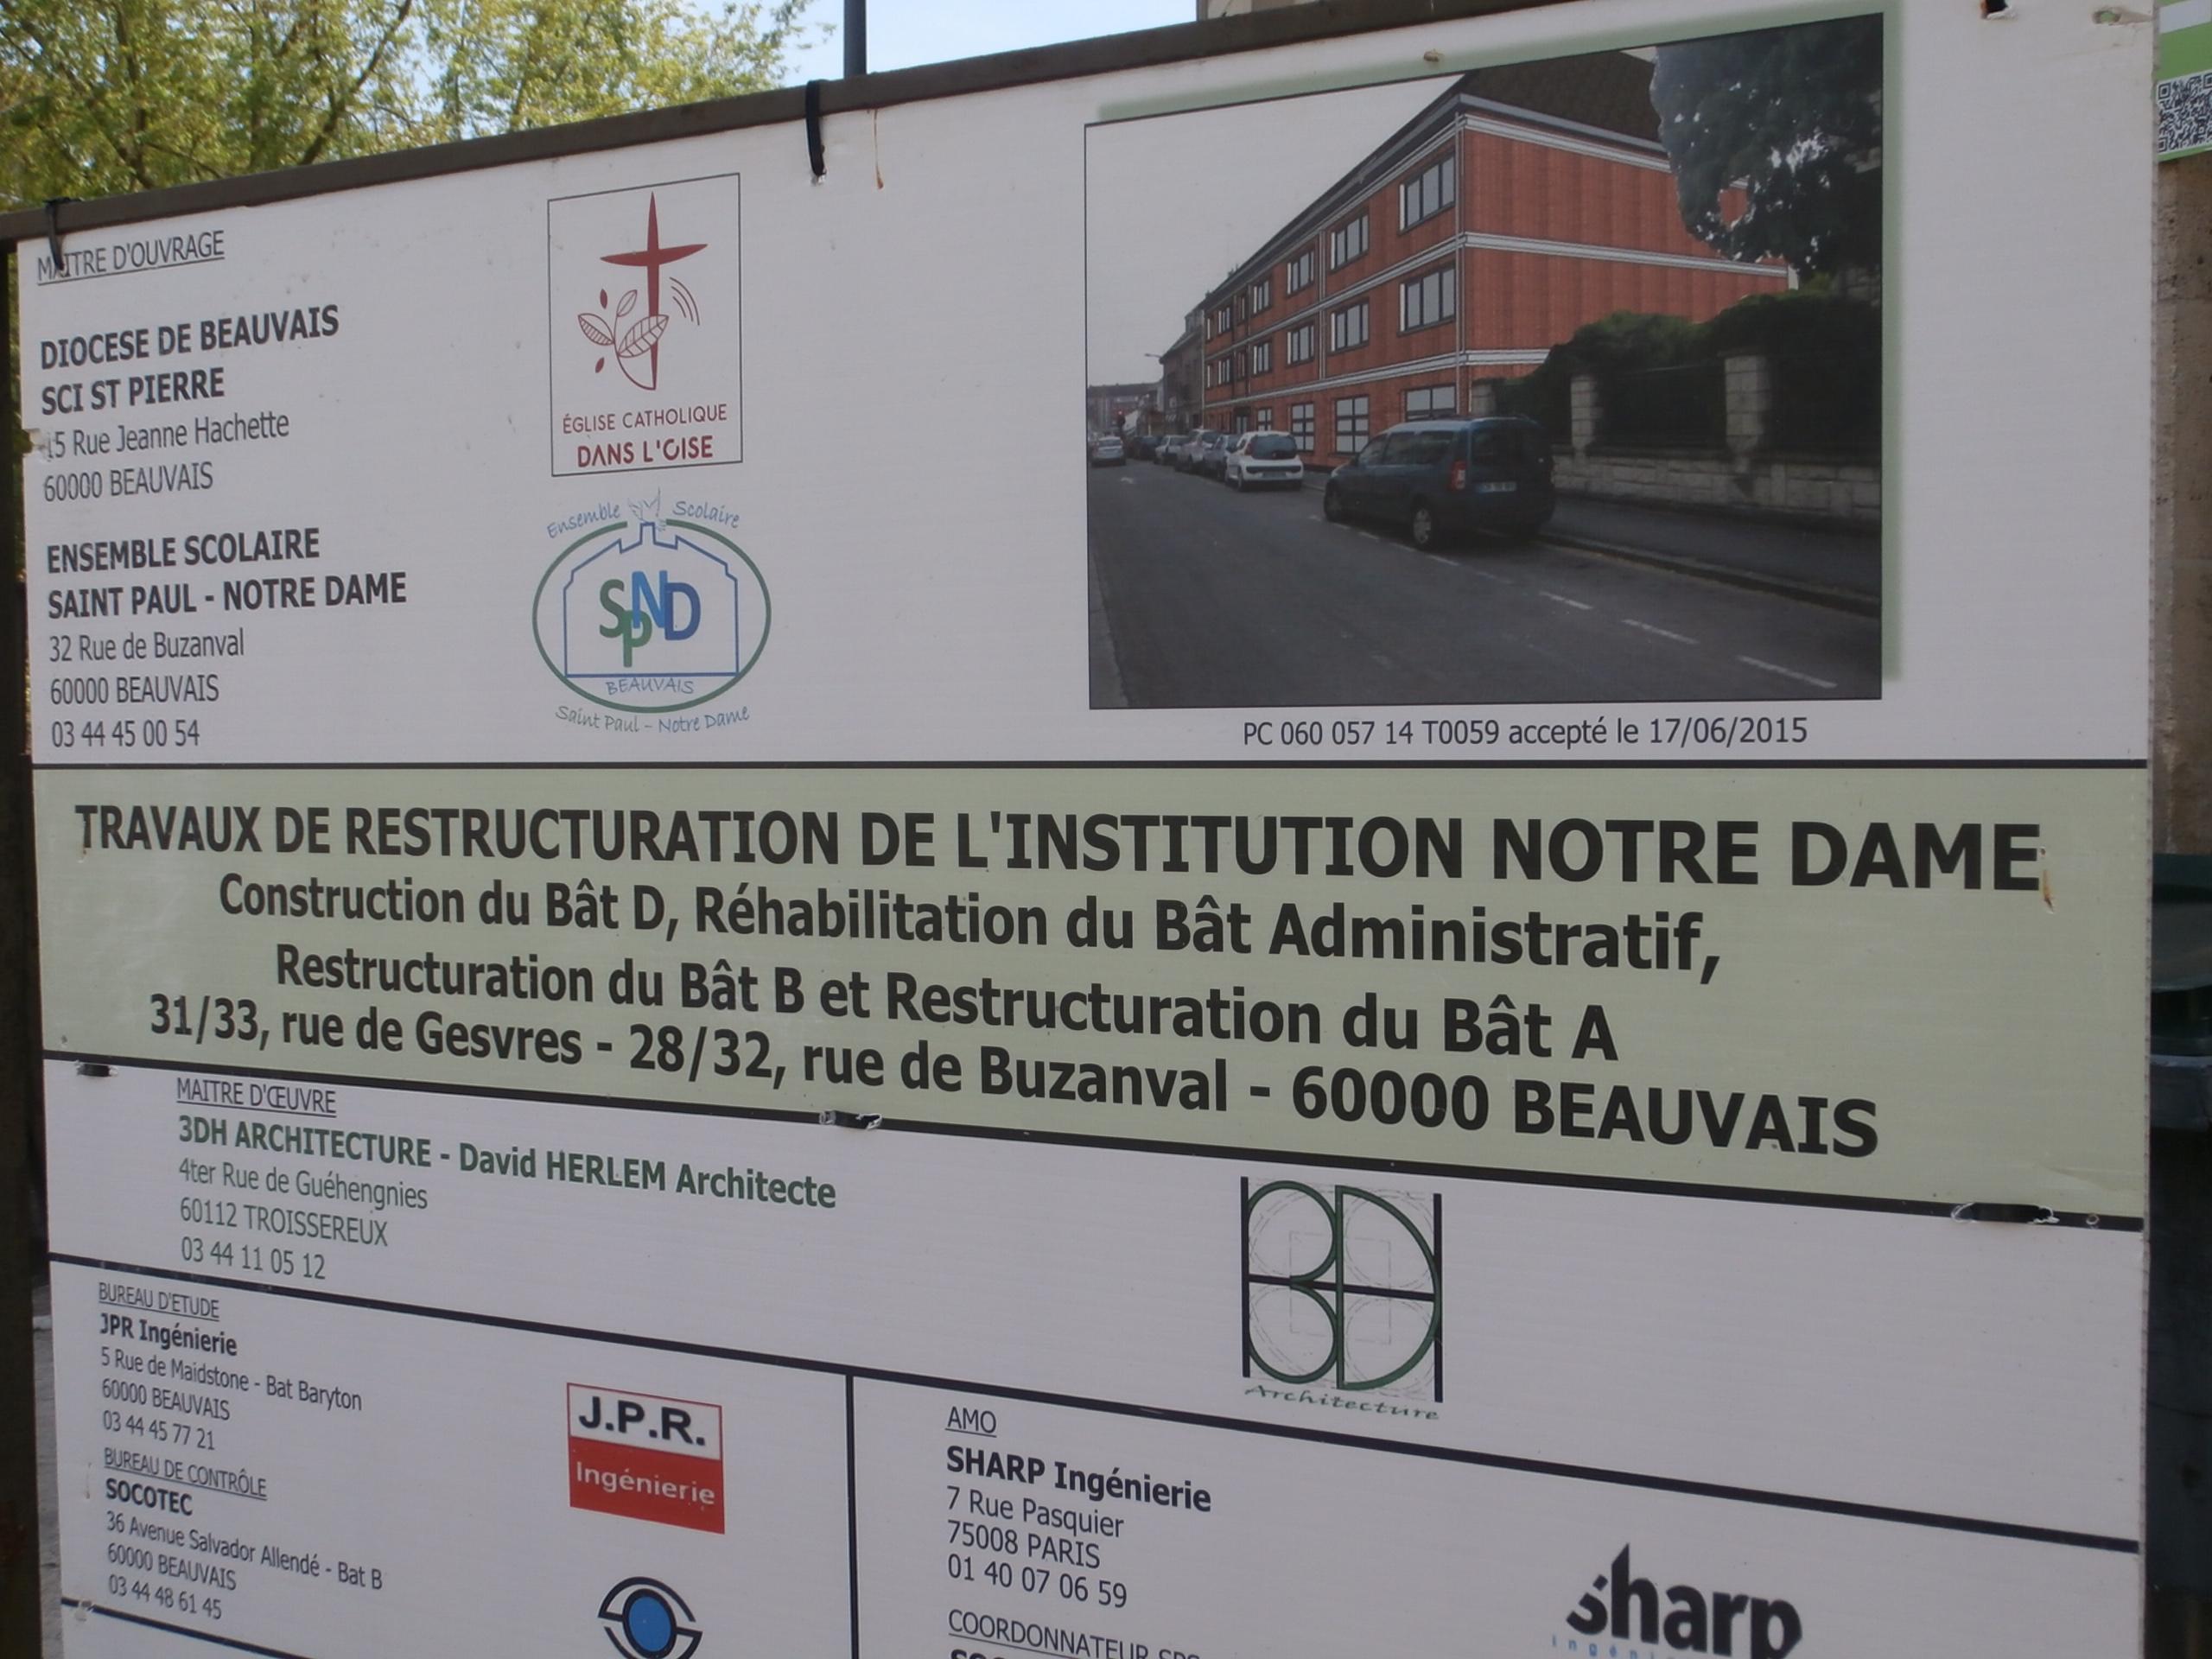 Ensemble Scolaire Saint-Paul - Notre-Dame Beauvais